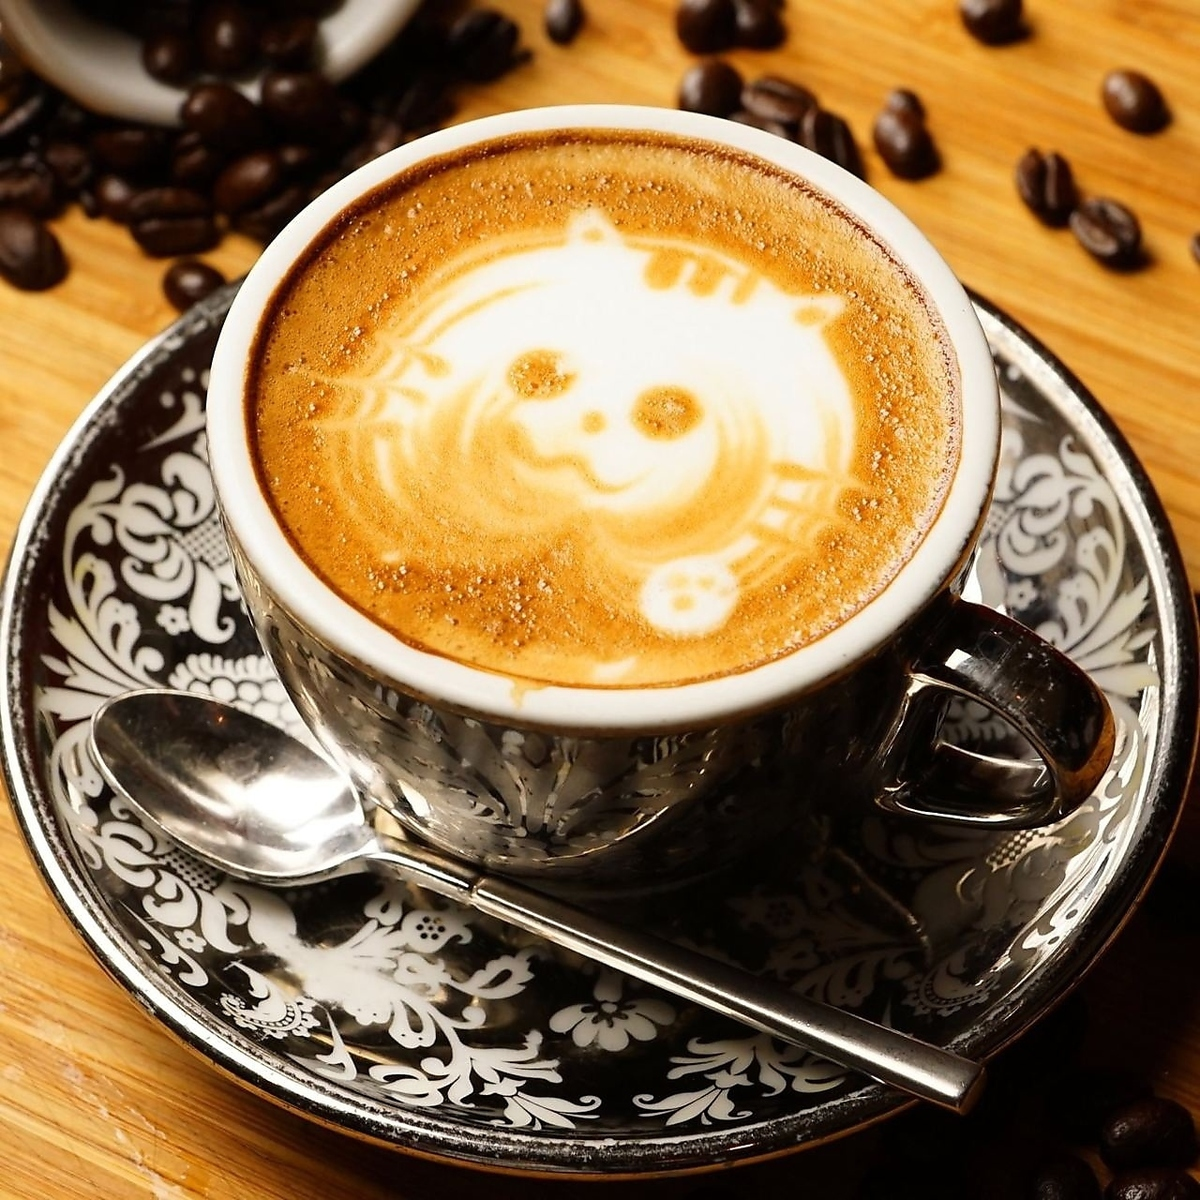 Varista special cafe latte